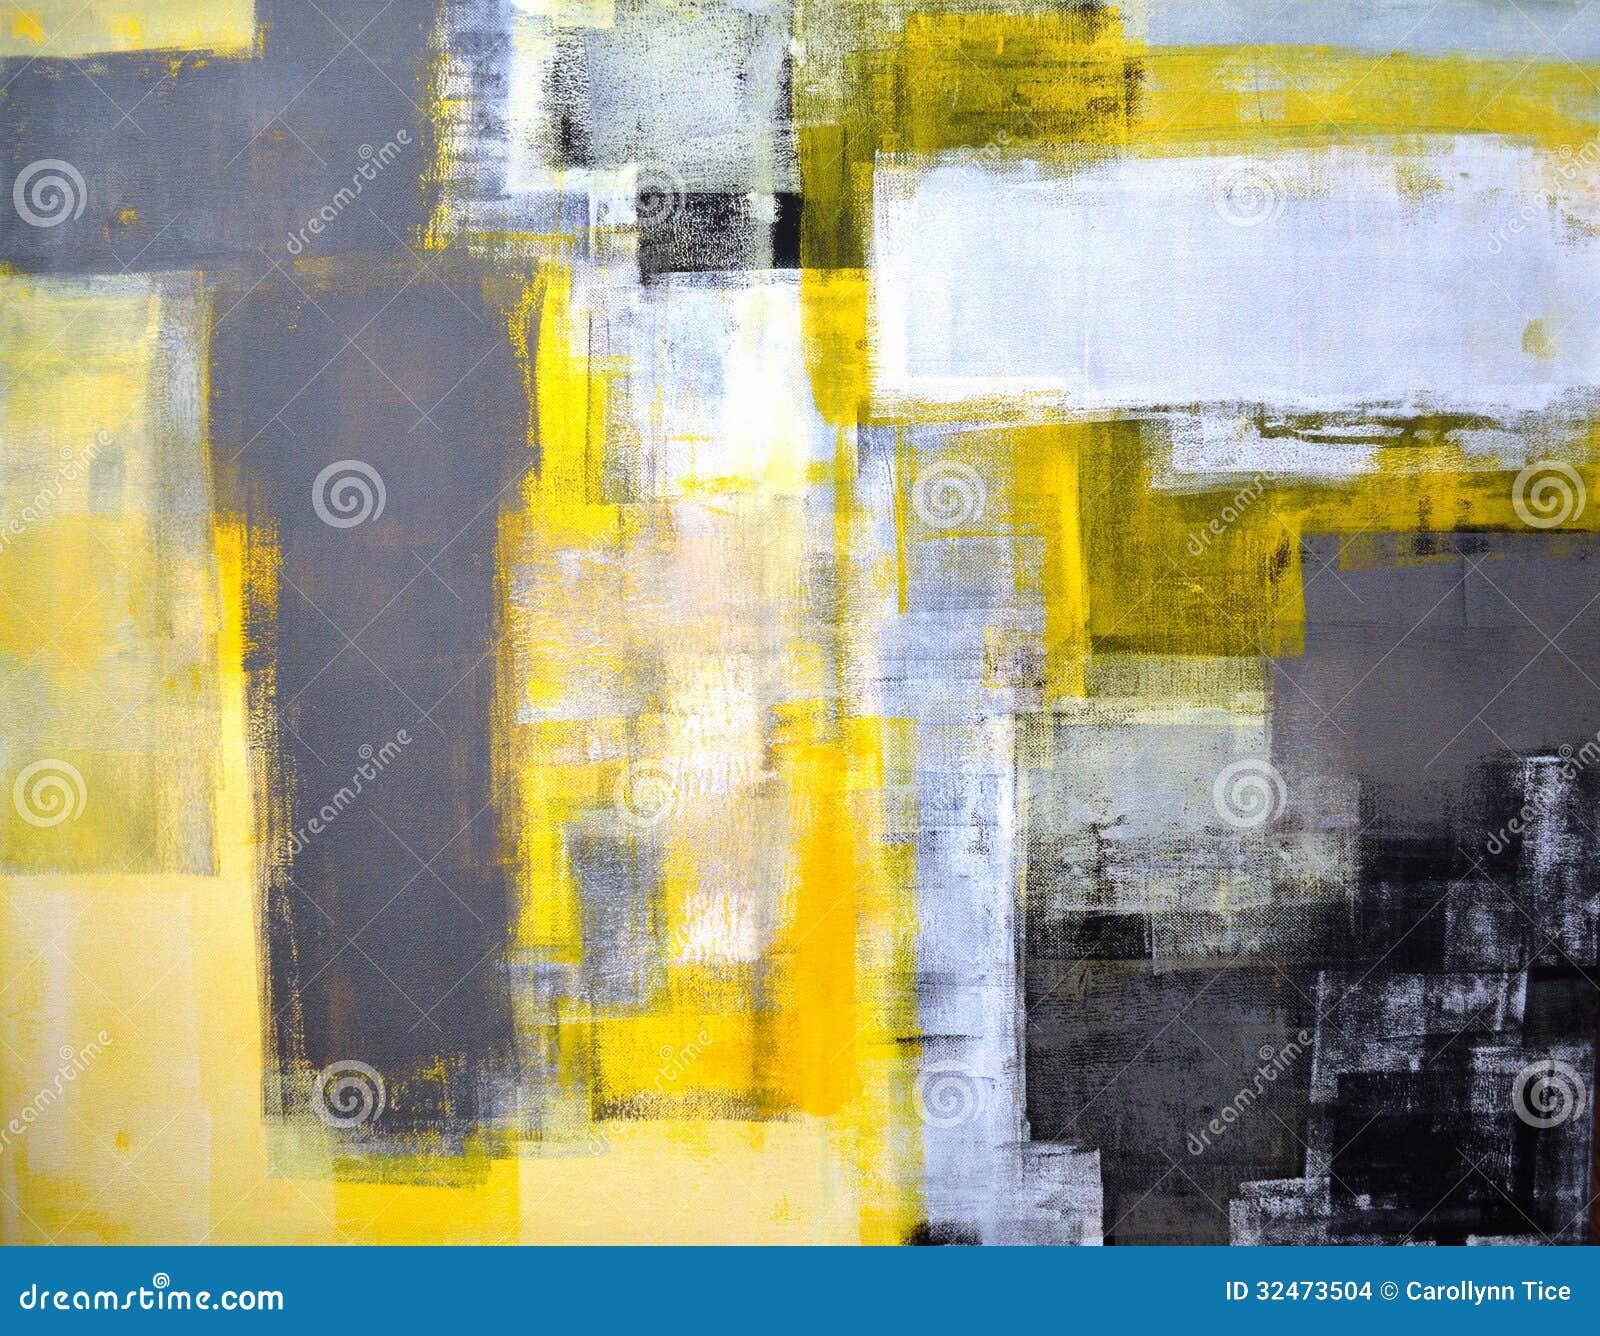 Grijs en Geel Abstract Art Painting